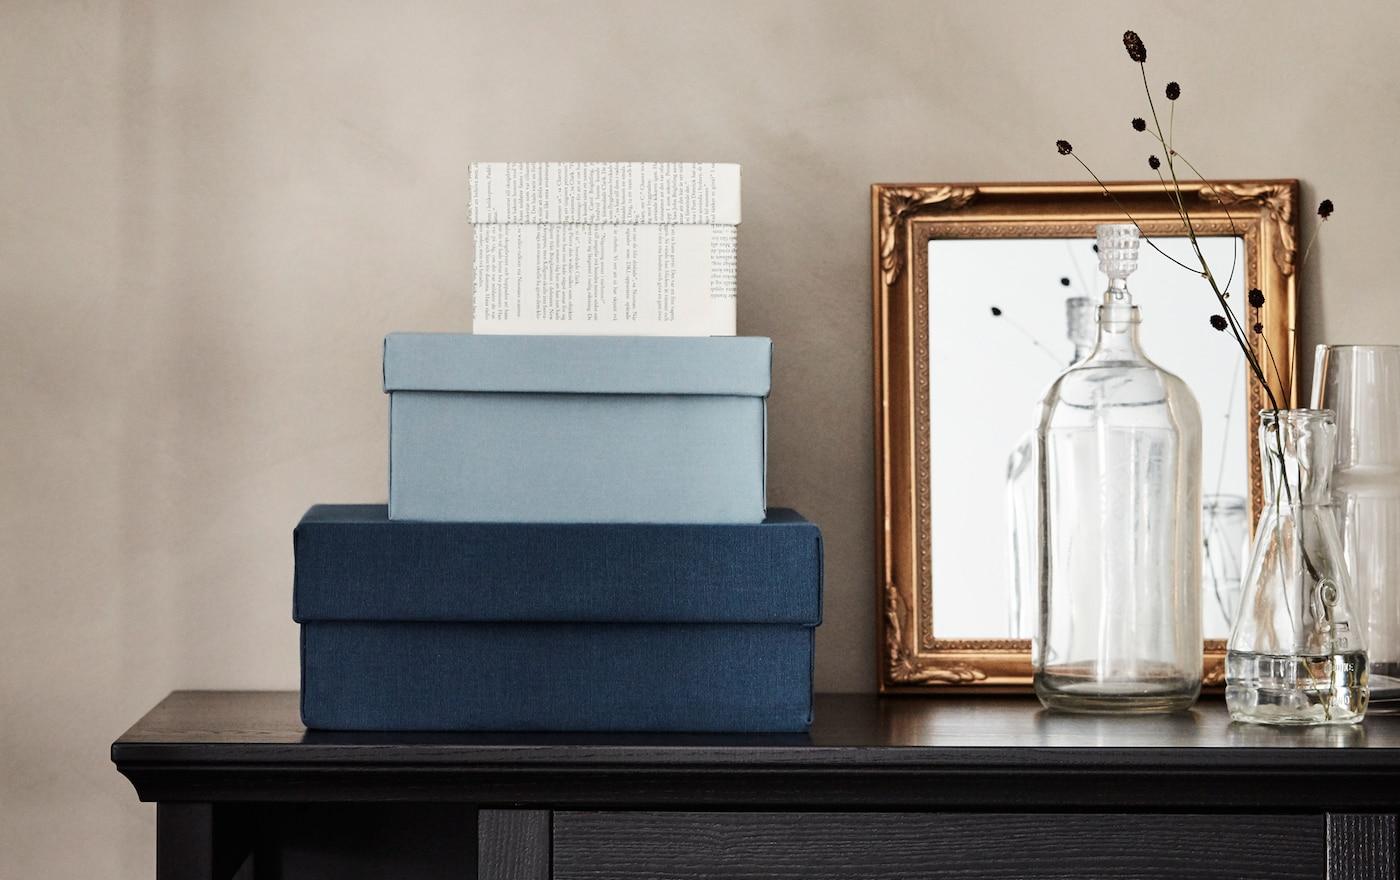 Vieilles boîtes à chaussures transformées en jolies boîtes de rangement après avoir été recouvertes de tissu et de pages de vieux livres